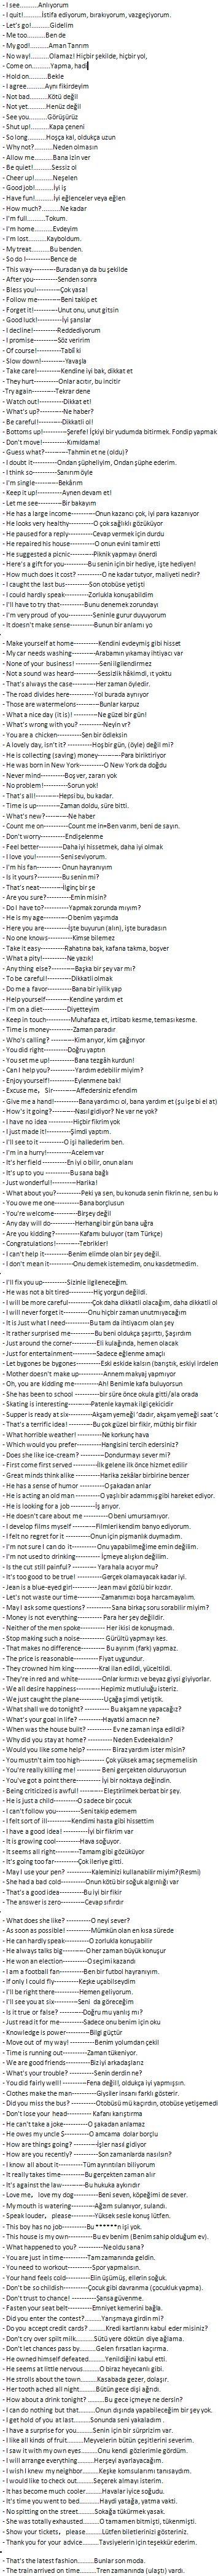 ingilizce cümleler